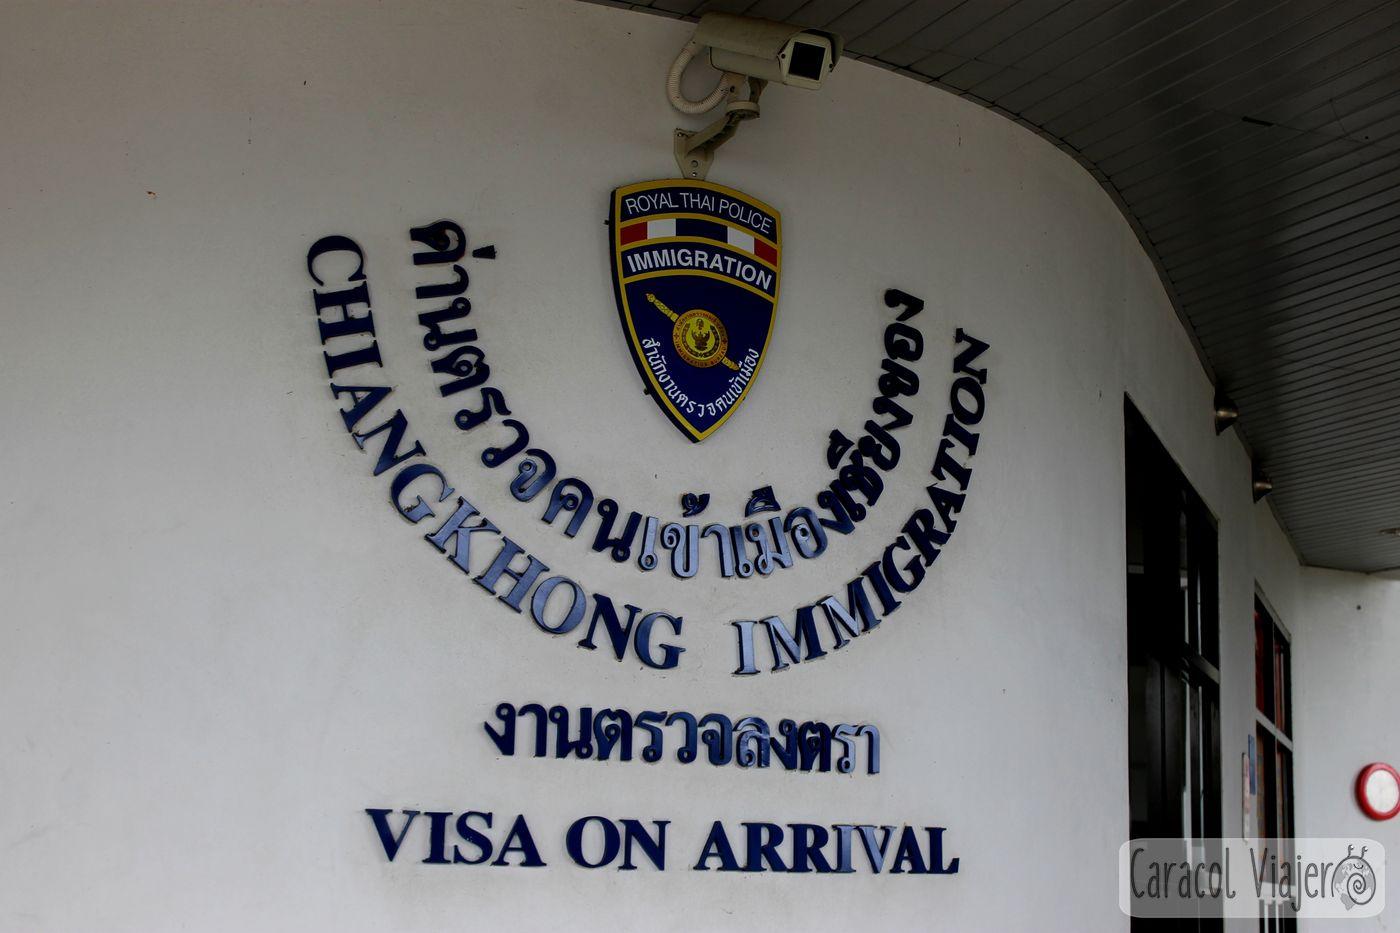 Inmigración Chiang Khong